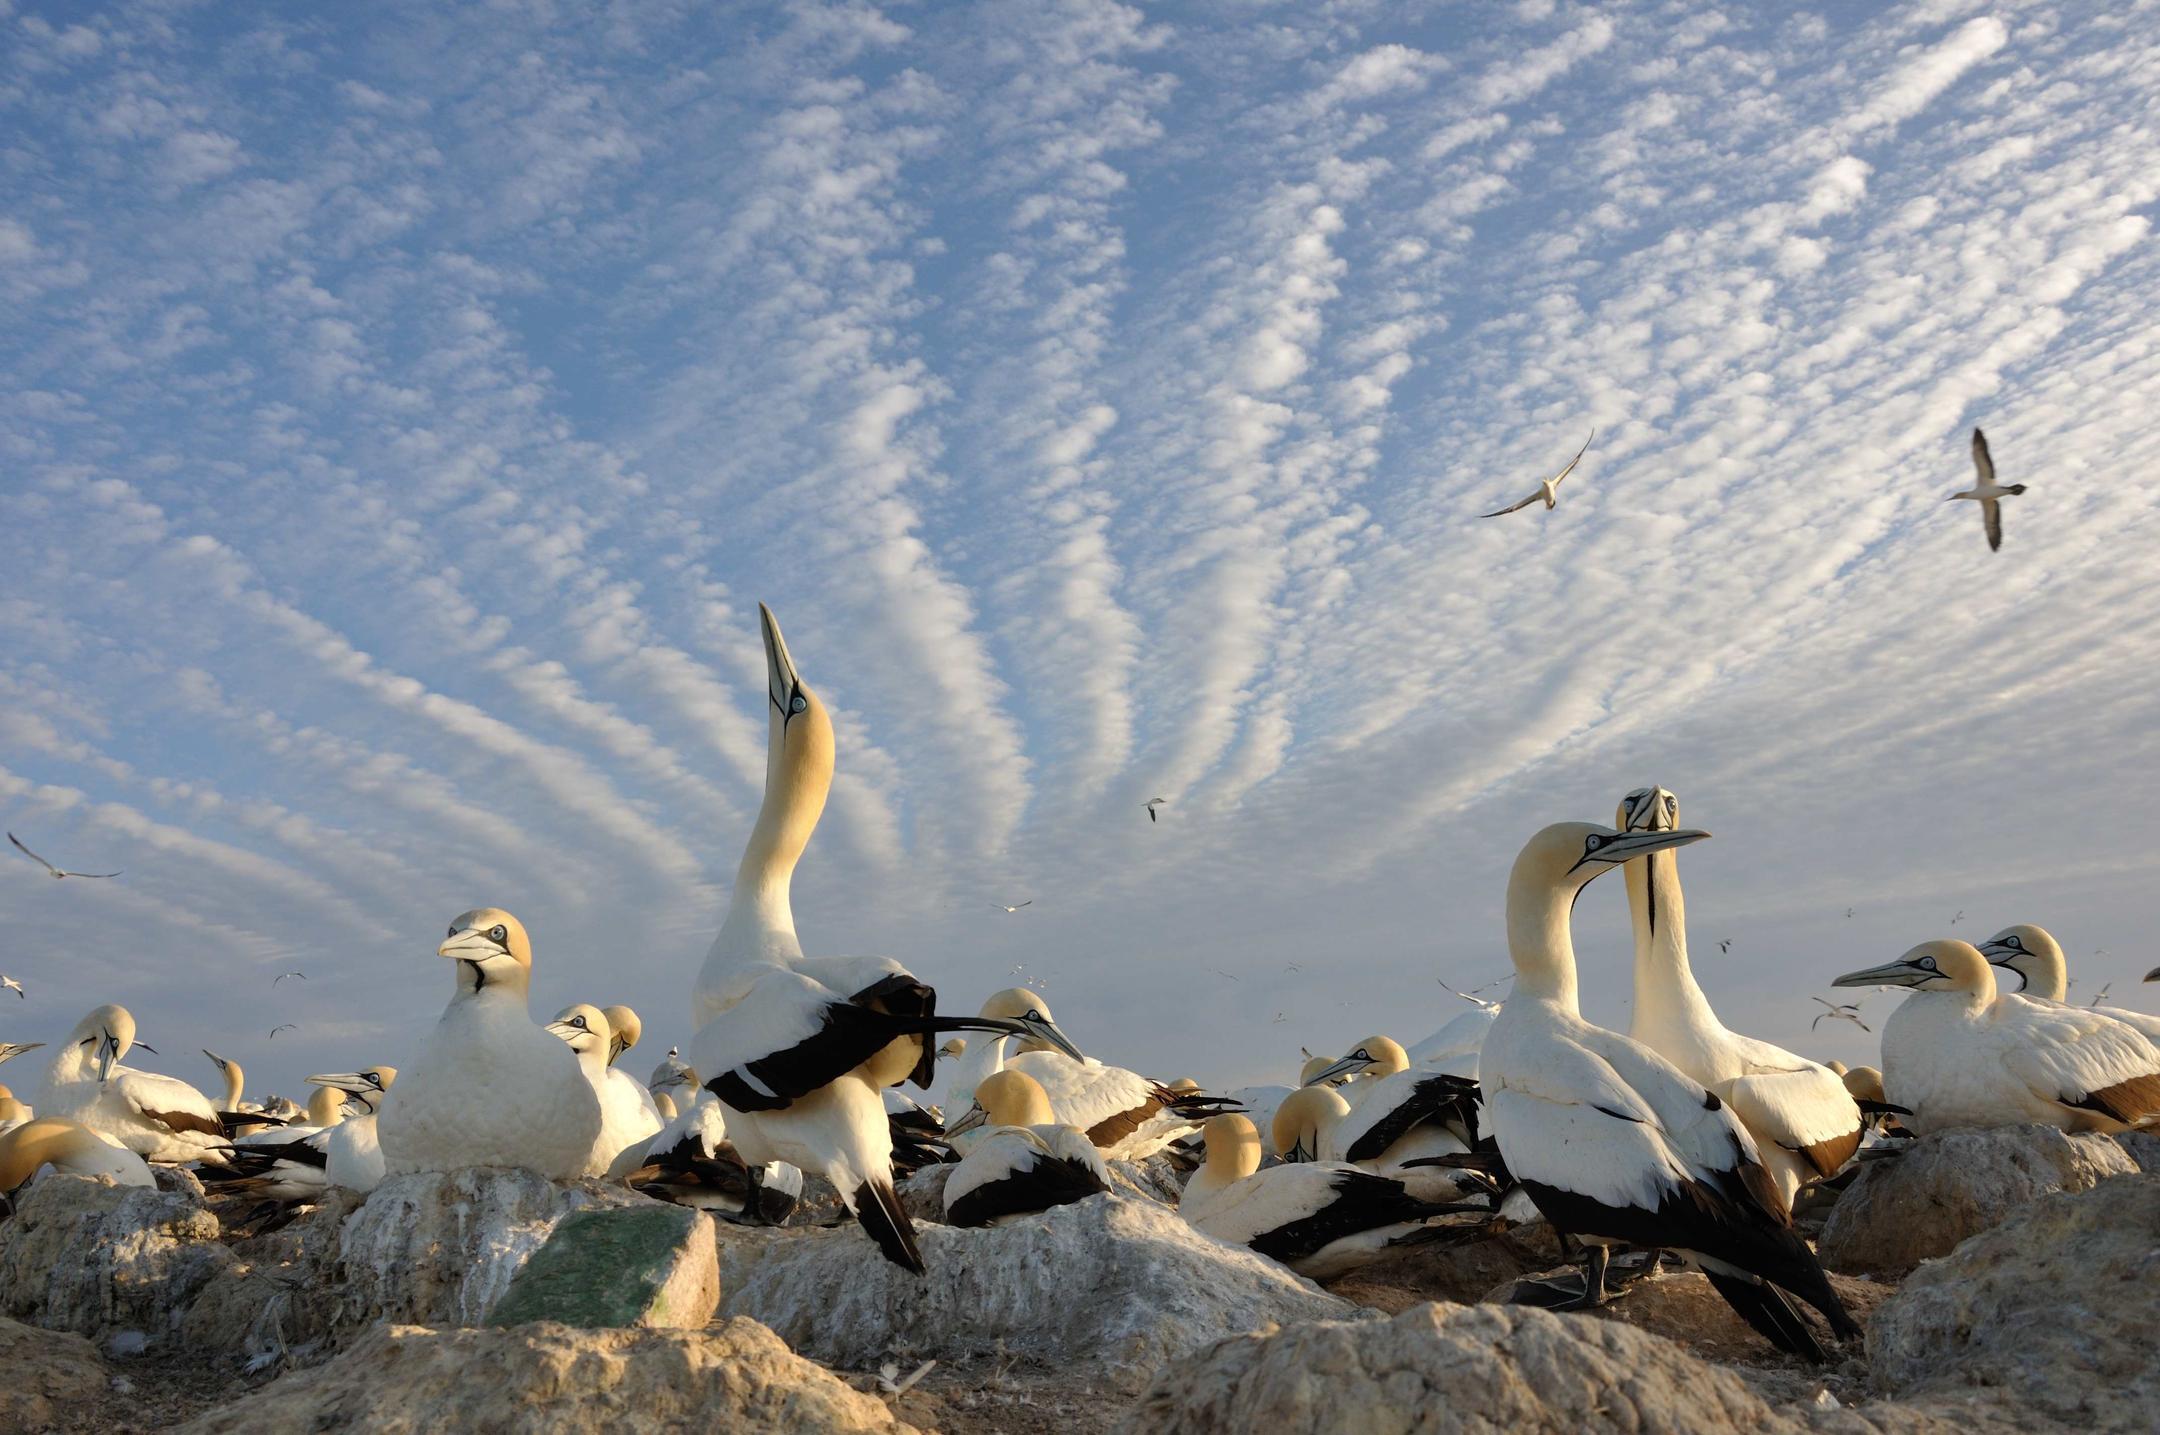 Alcatraces de El Cabo, en las costas de sudáfrica, (Benguela upwelling area), otrora, un ecosistema marino donde residían numerosas aves marinas.